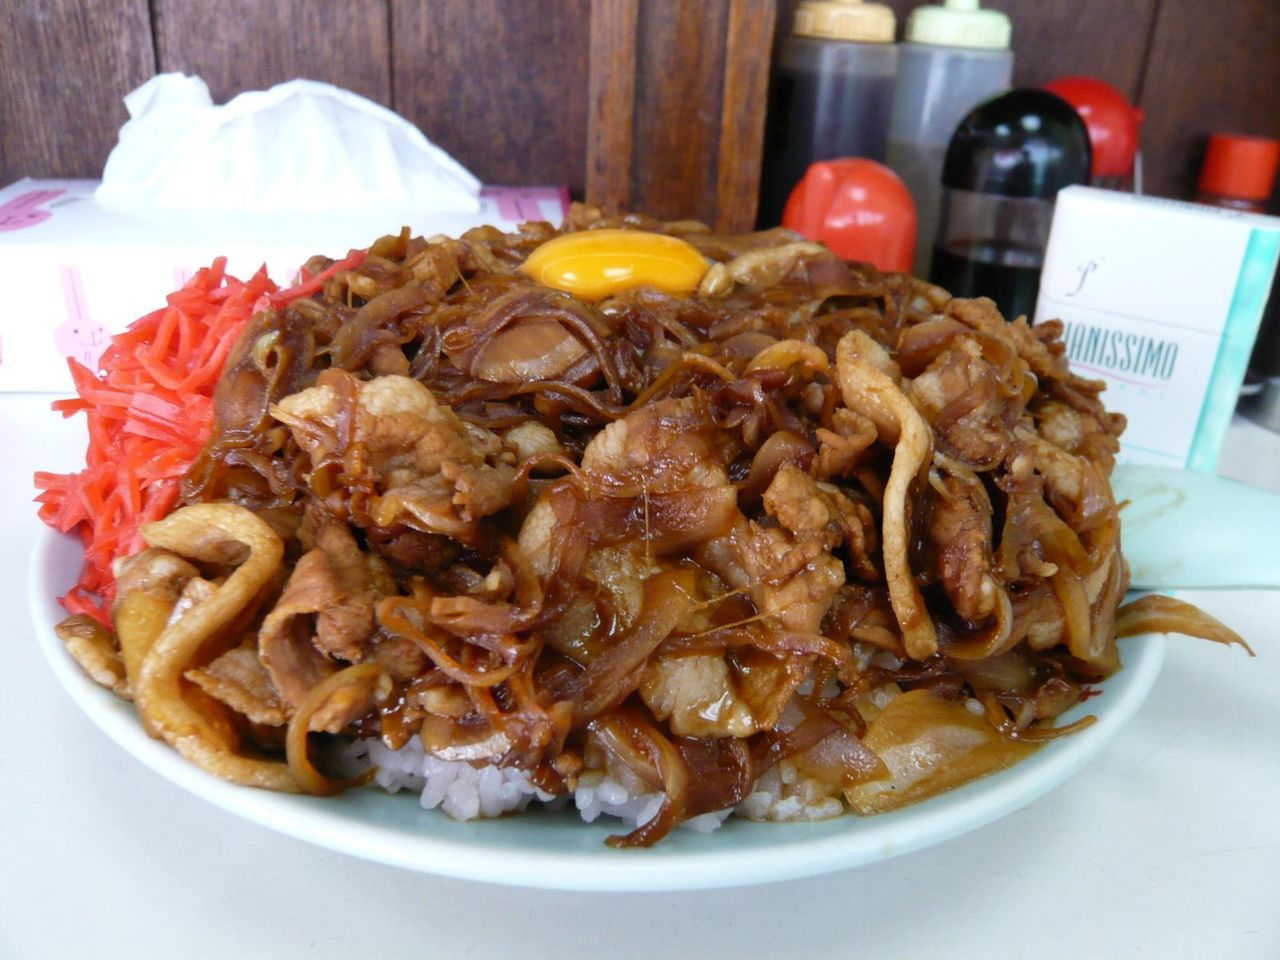 焼肉丼大盛は、ギアナ高地のような立体的な盛り付け!